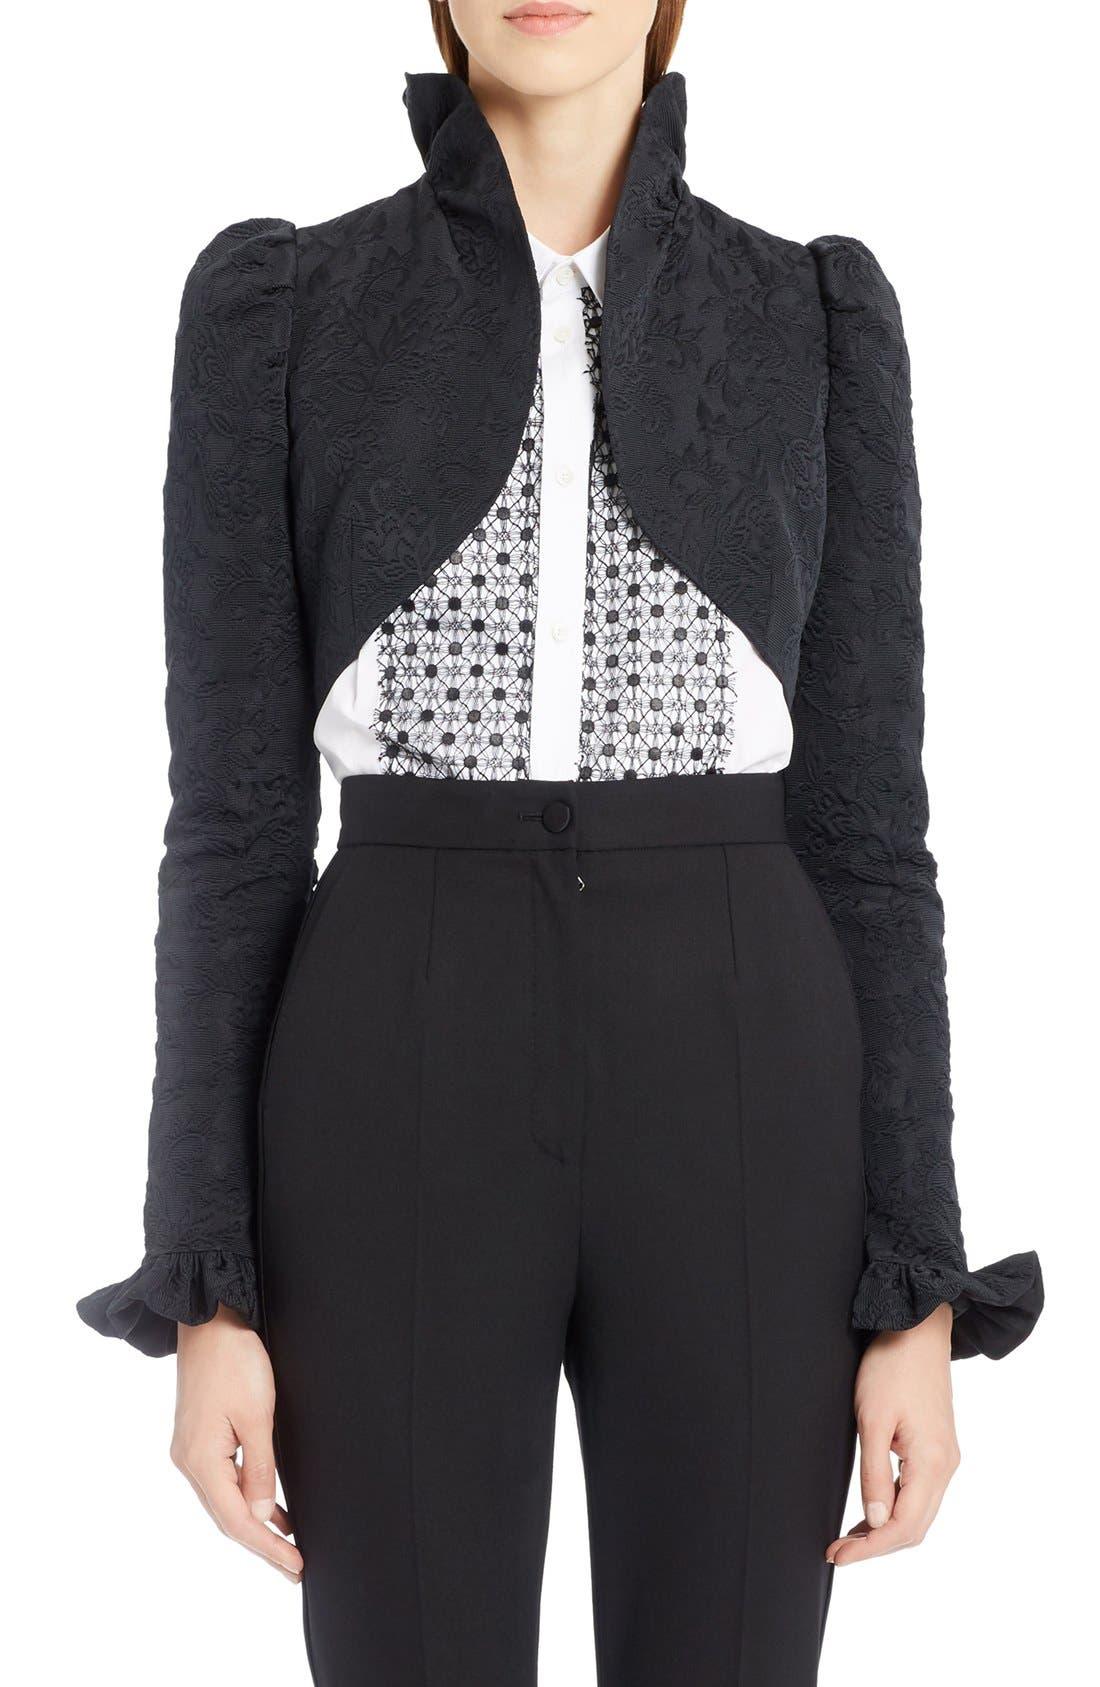 Alternate Image 1 Selected - Dolce&Gabbana Ruffle Jacquard Bolero Jacket